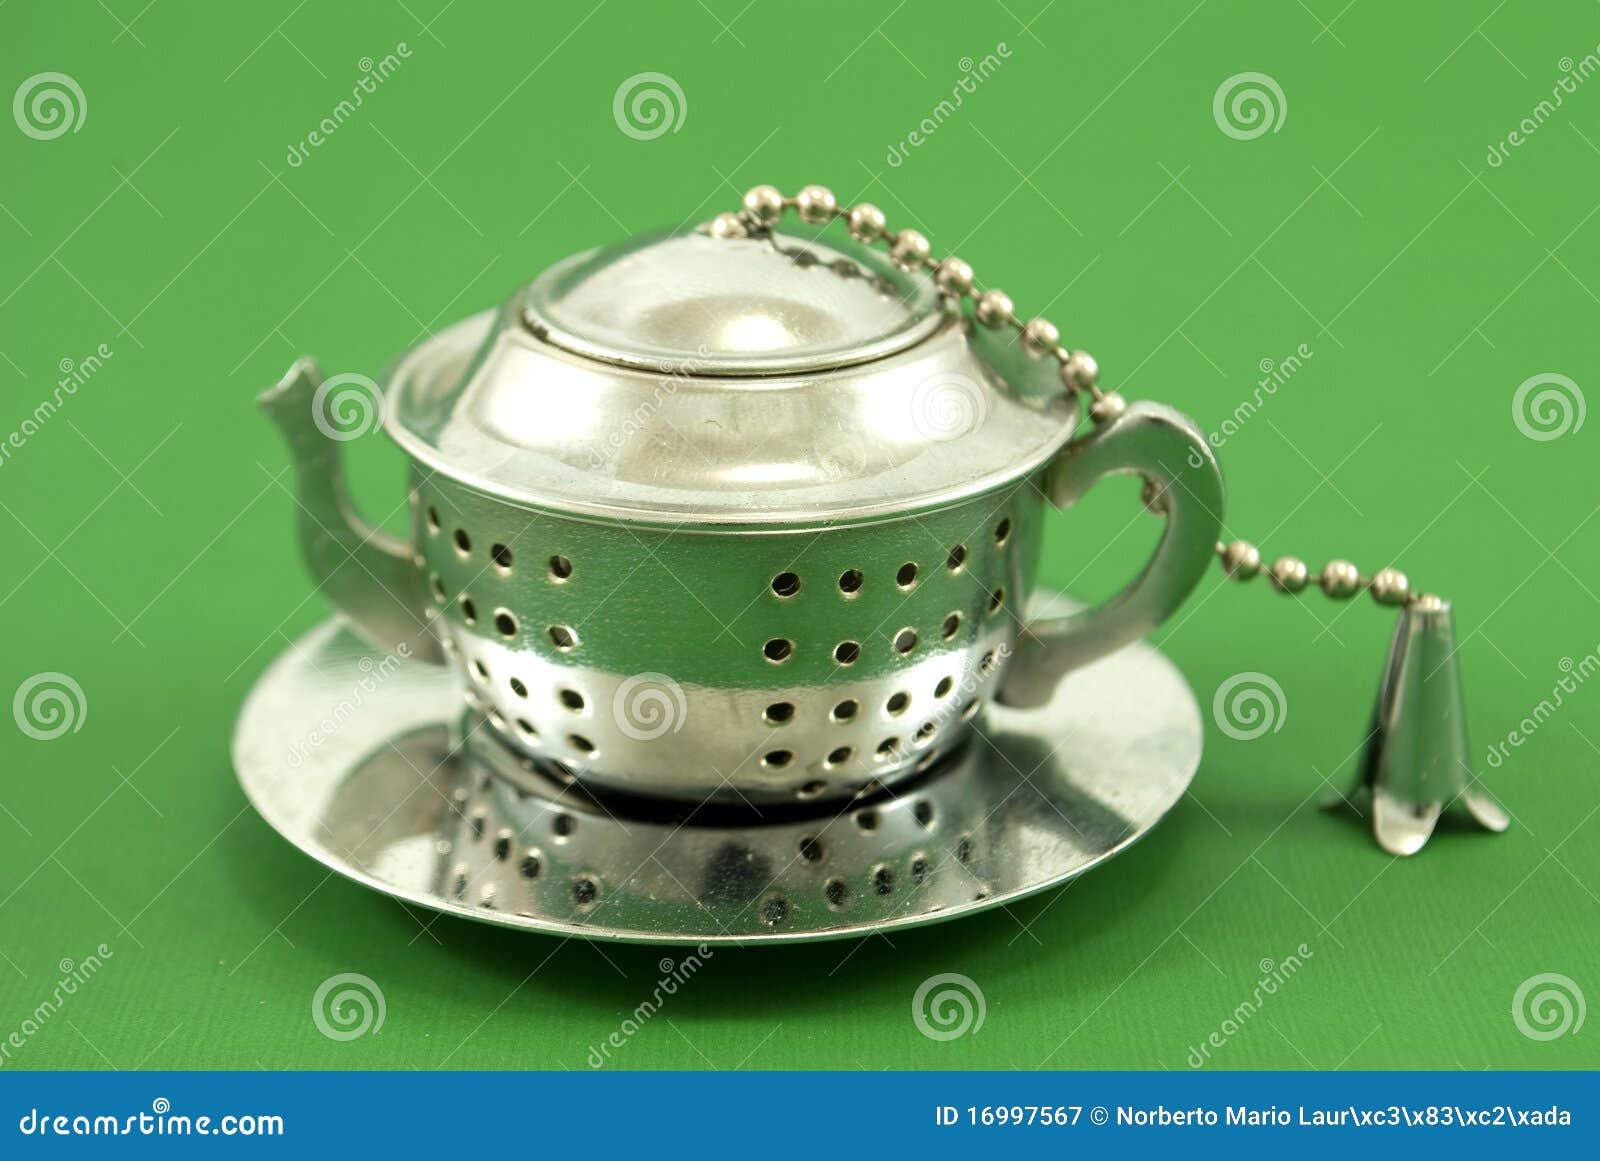 De zeefroestvrij staal van de thee